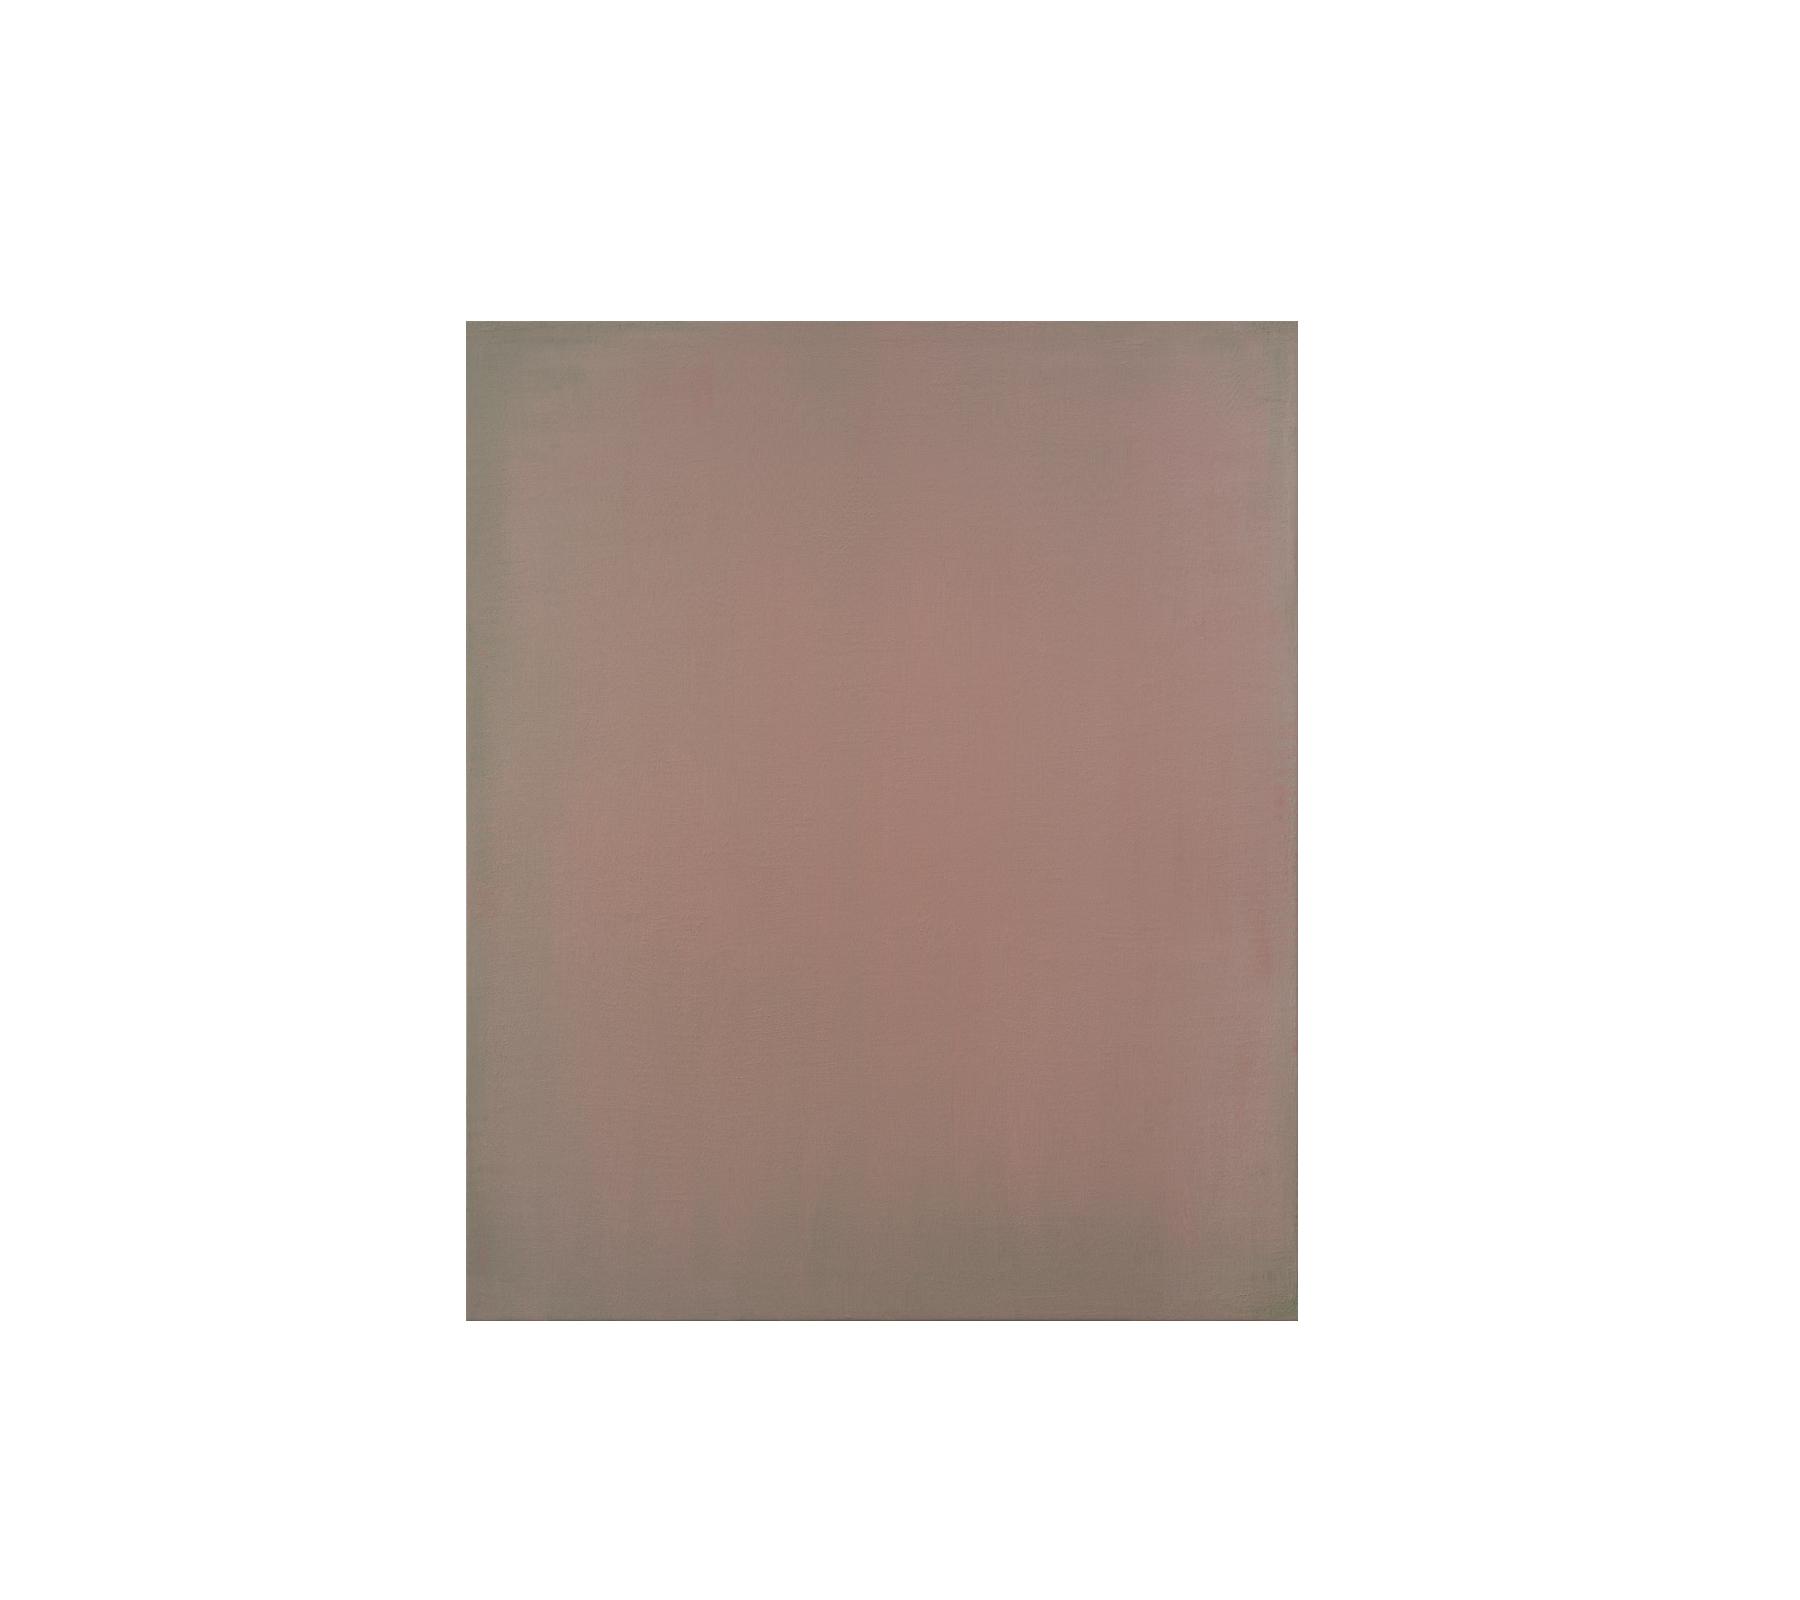 Morning gray 2021 120x100cm